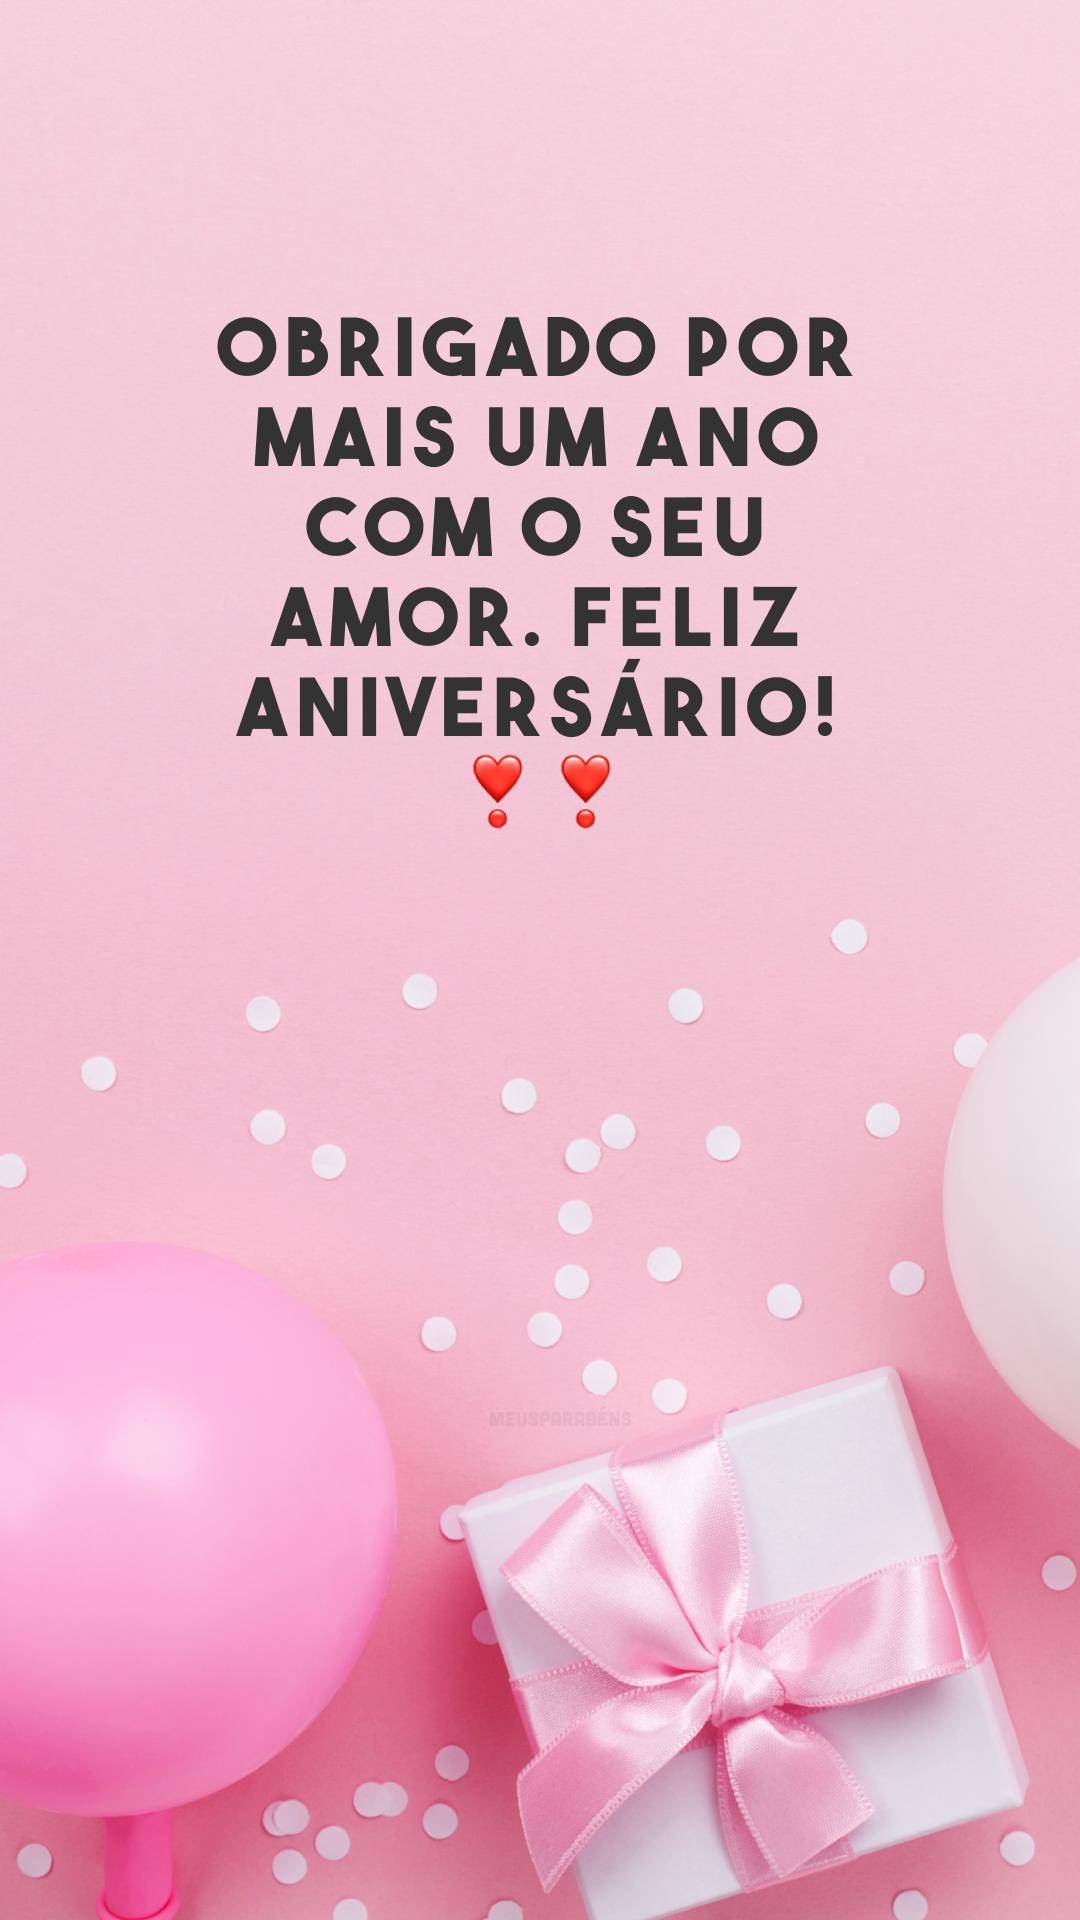 Obrigado por mais um ano com o seu amor. Feliz aniversário! ❣❣